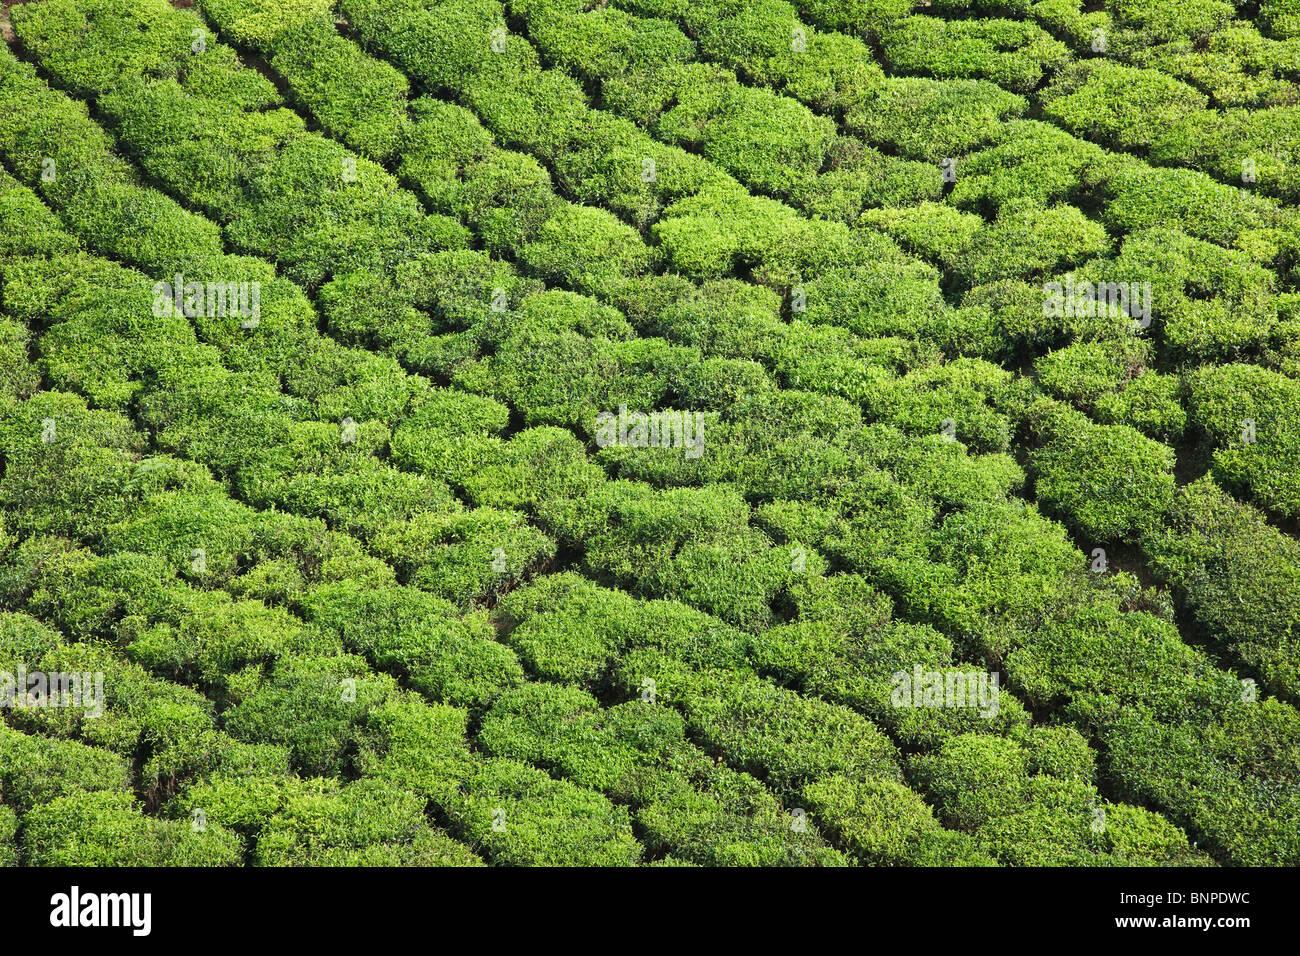 Munnar ha le estese piantagioni di tè dove la maggior parte del tè è ancora raccolte a mano Immagini Stock